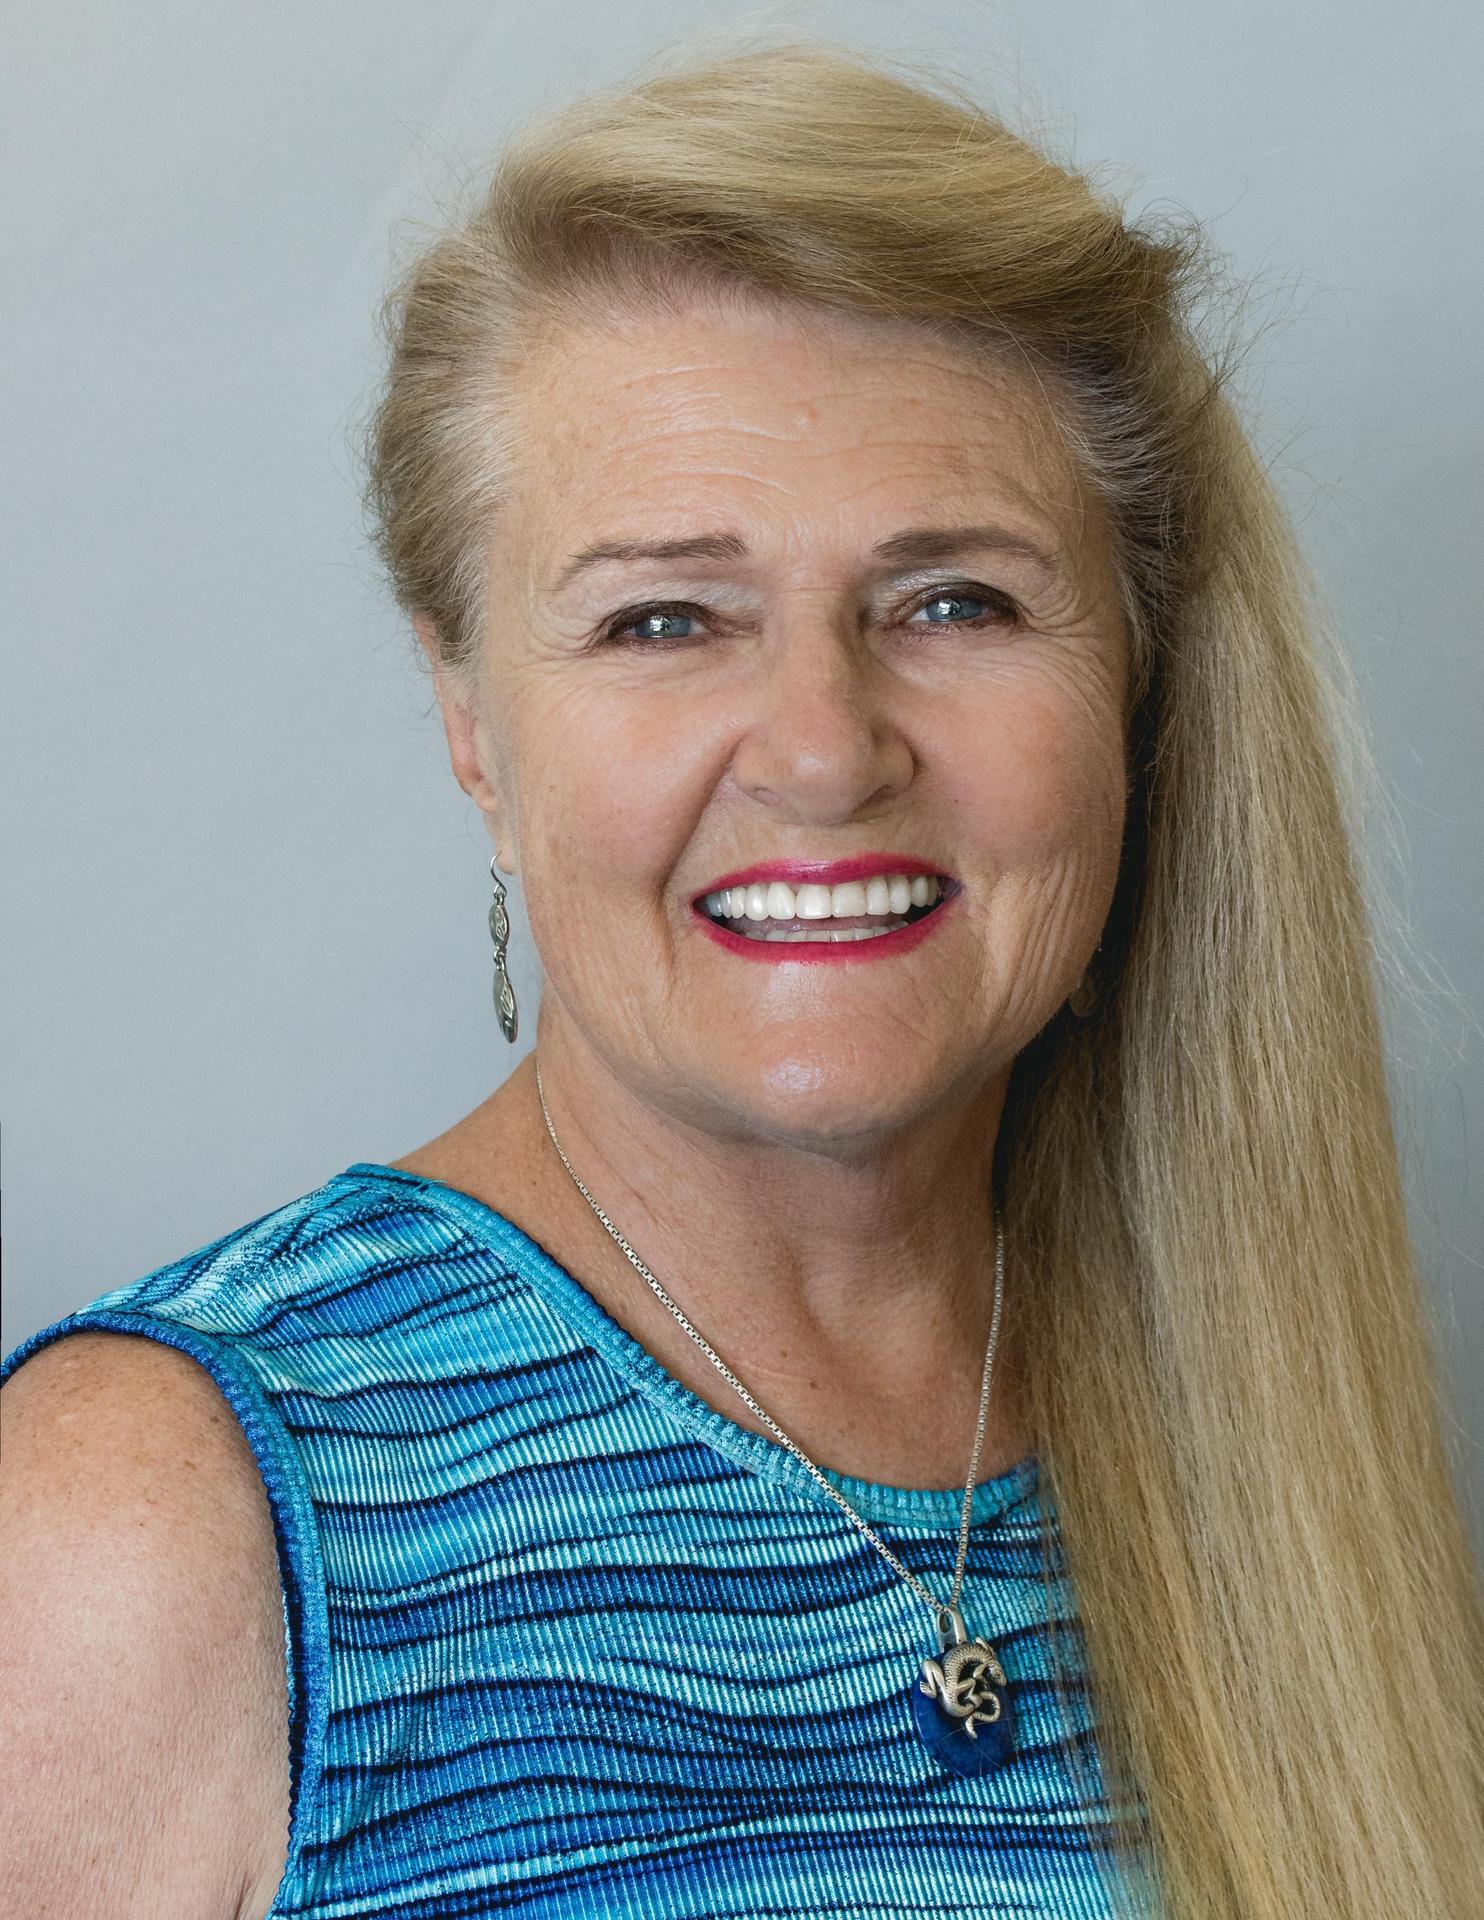 Board member Valerie Tudor